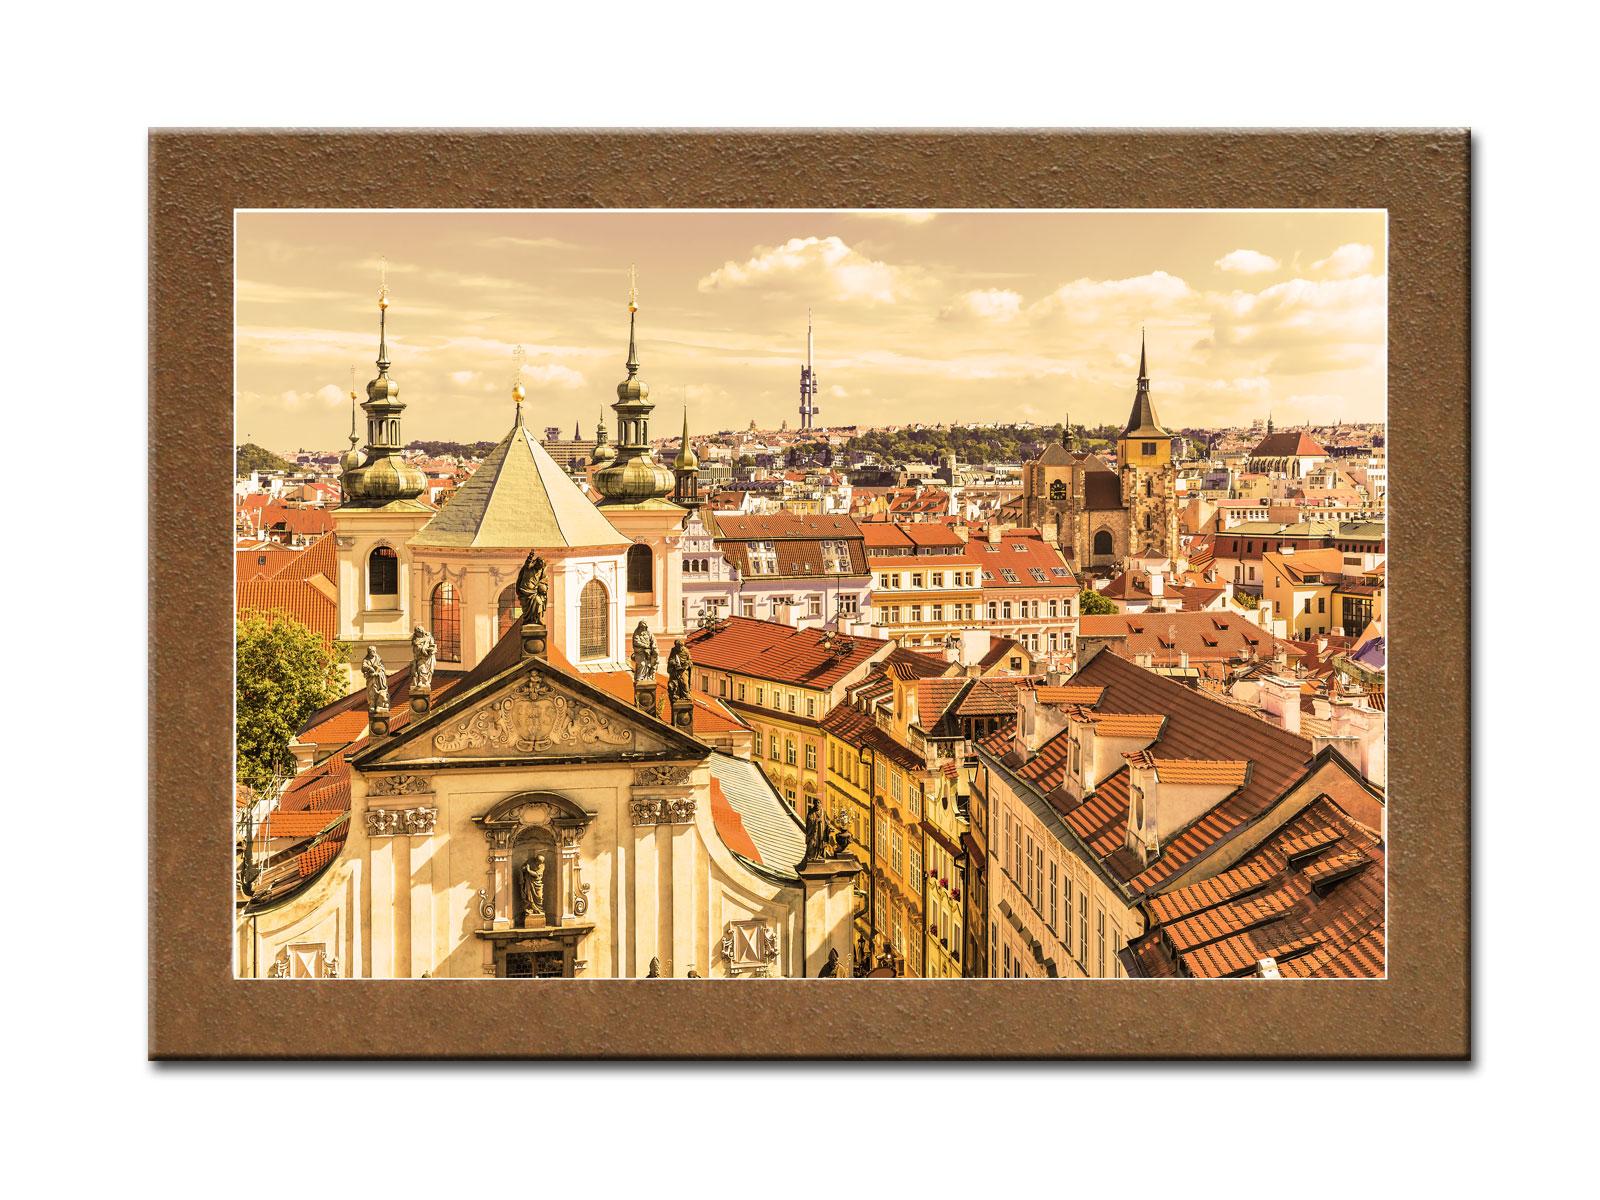 Картина КрышиКартины<br>Картина из серии &amp;quot;Города&amp;quot;.&amp;amp;nbsp;&amp;lt;div&amp;gt;&amp;lt;br&amp;gt;&amp;lt;/div&amp;gt;&amp;lt;div&amp;gt;Натуральный холст, галерейный подрамник, по периметру картина декорирована фактурой песка.&amp;lt;/div&amp;gt;<br><br>Material: Дерево<br>Width см: 70<br>Depth см: 3<br>Height см: 50